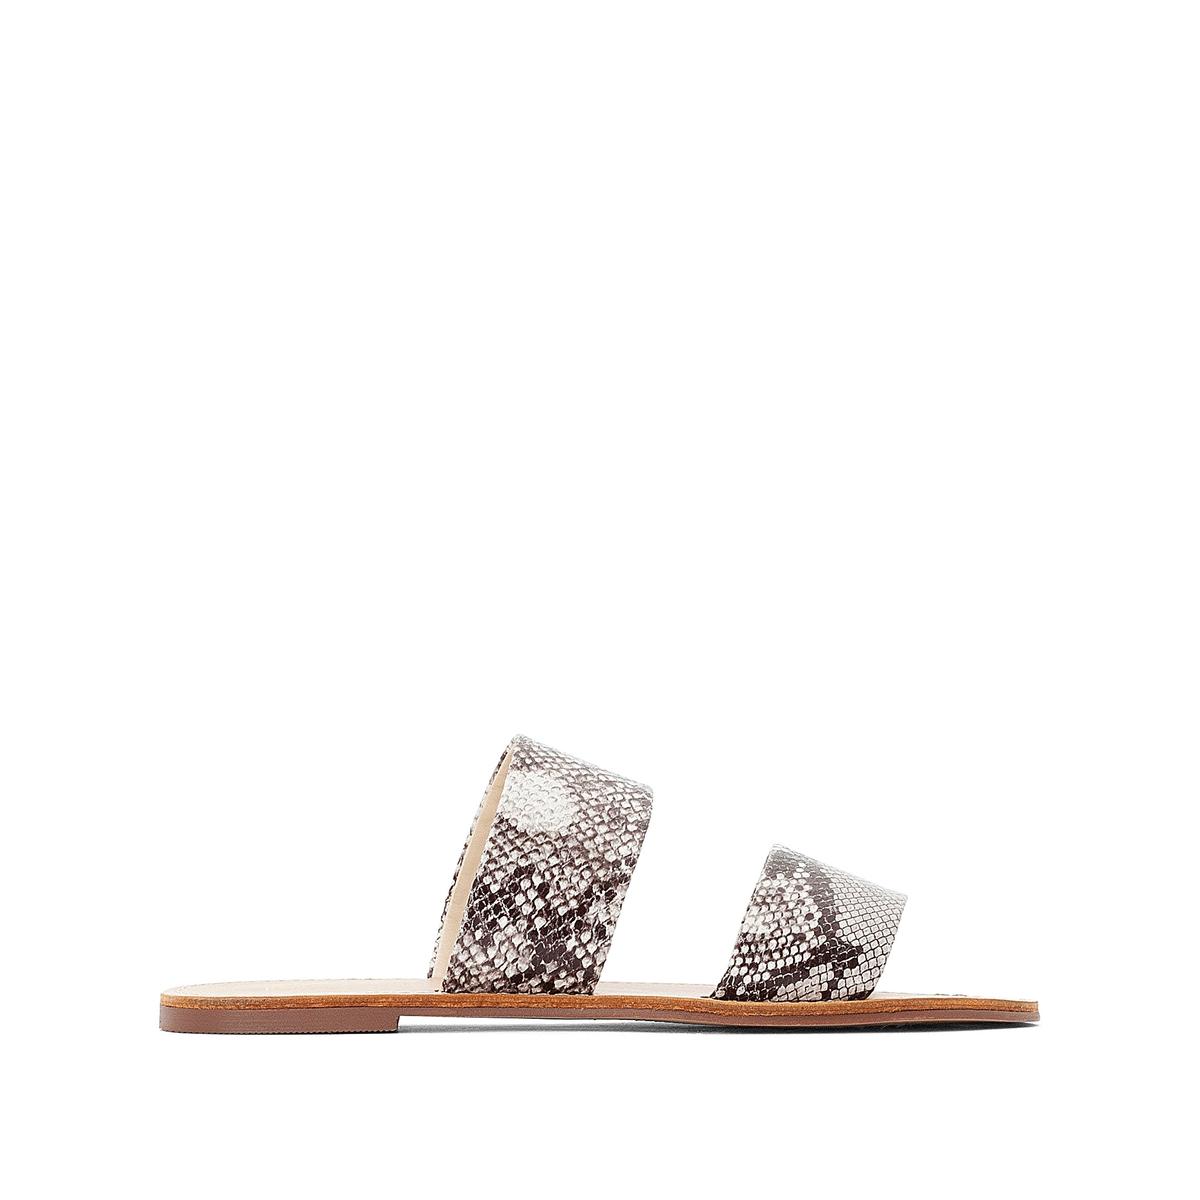 Туфли La Redoute Без задника с рисунком под кожу питона на плоском каблуке 36 каштановый туфли la redoute на среднем каблуке с питоновым принтом 36 каштановый